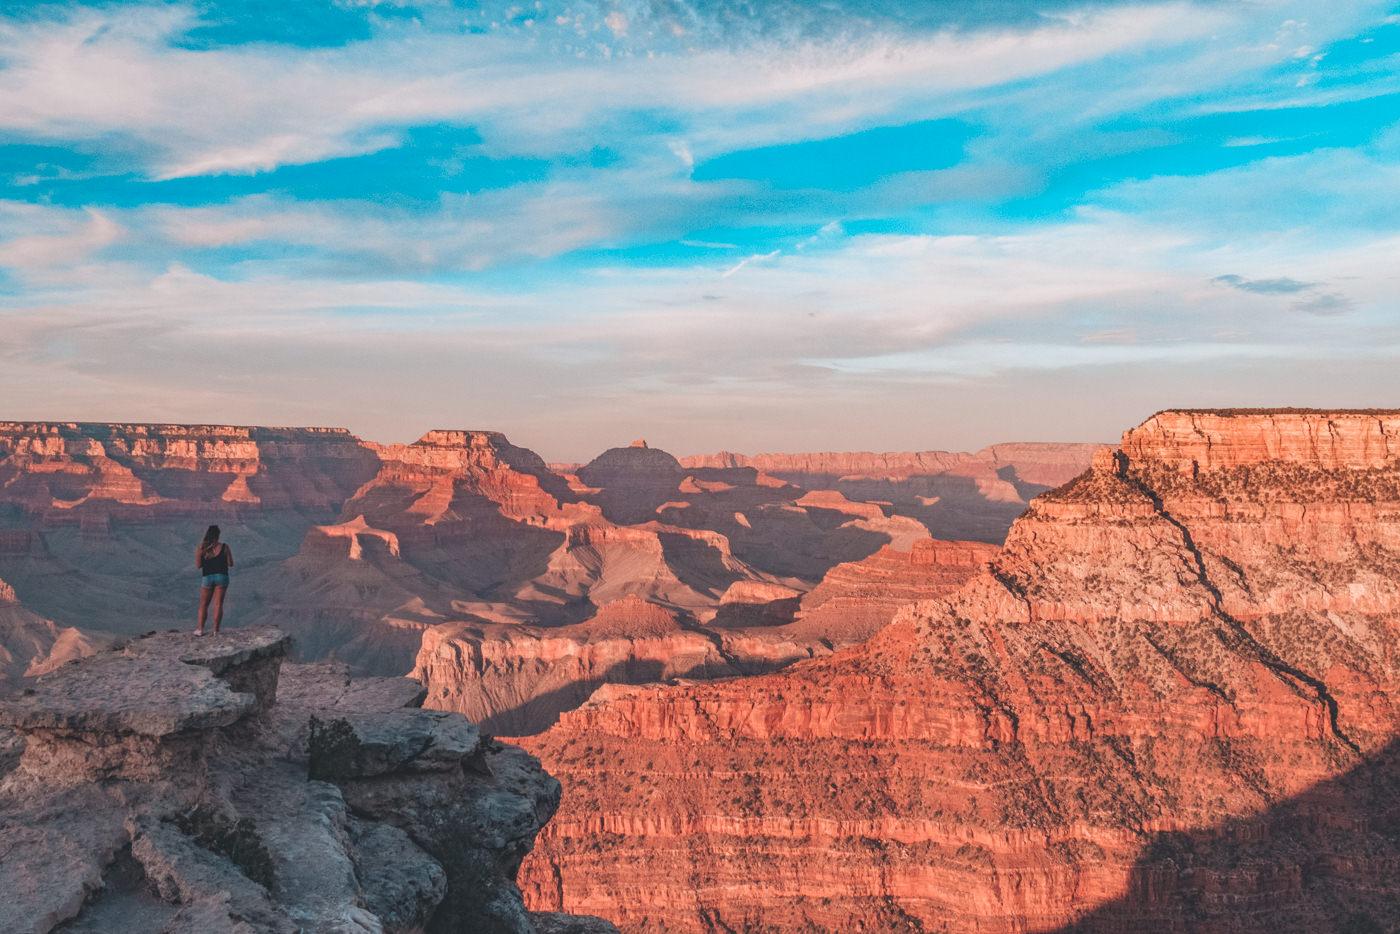 Julia am Grand Canyon South Rim